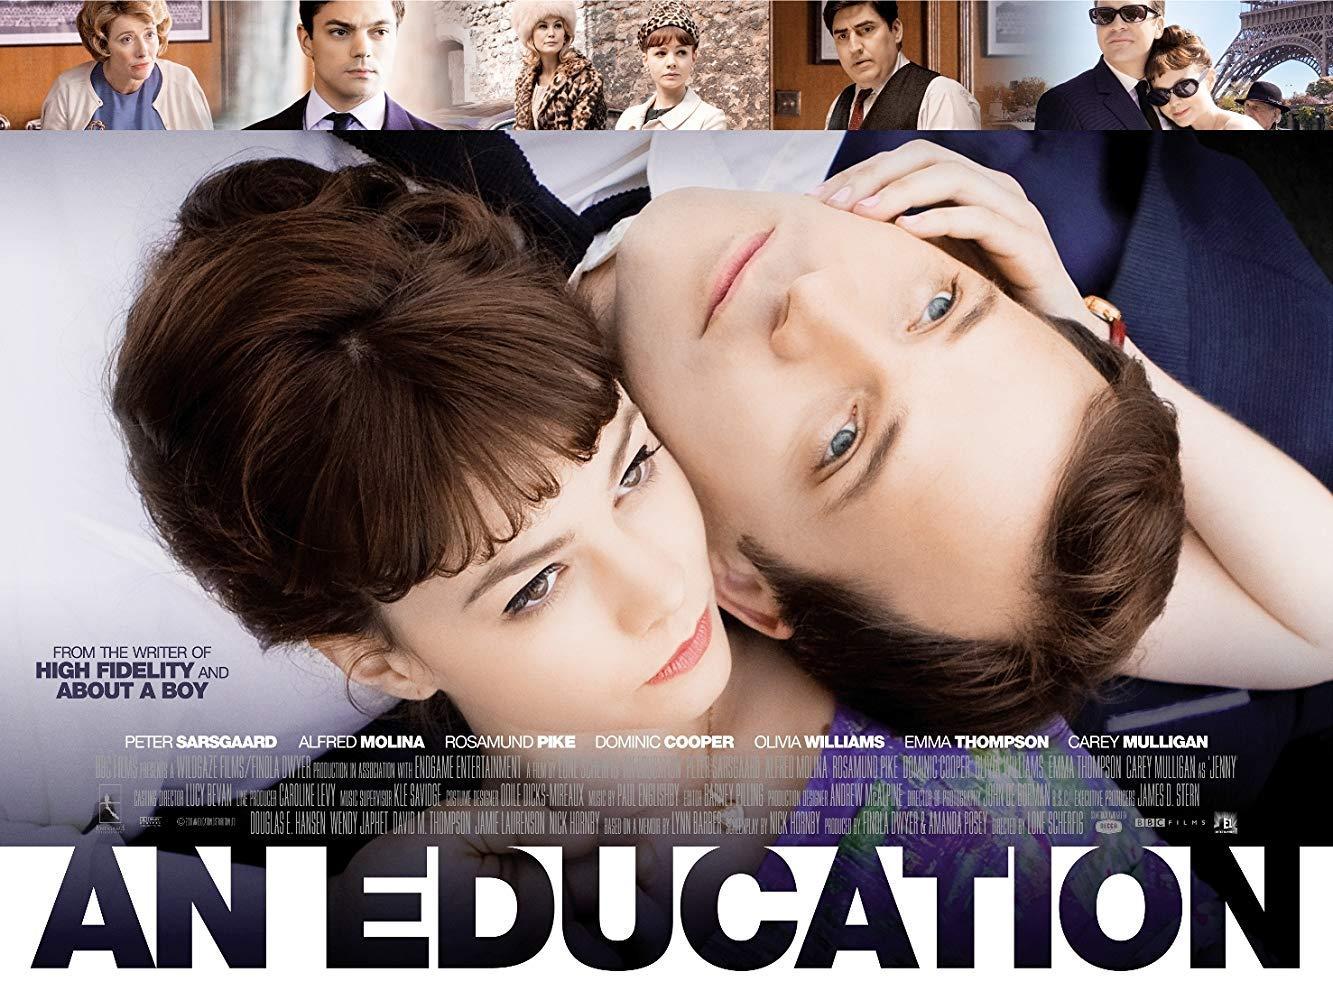 مشاهدة فيلم An Education 2009 HD مترجم كامل اون لاين